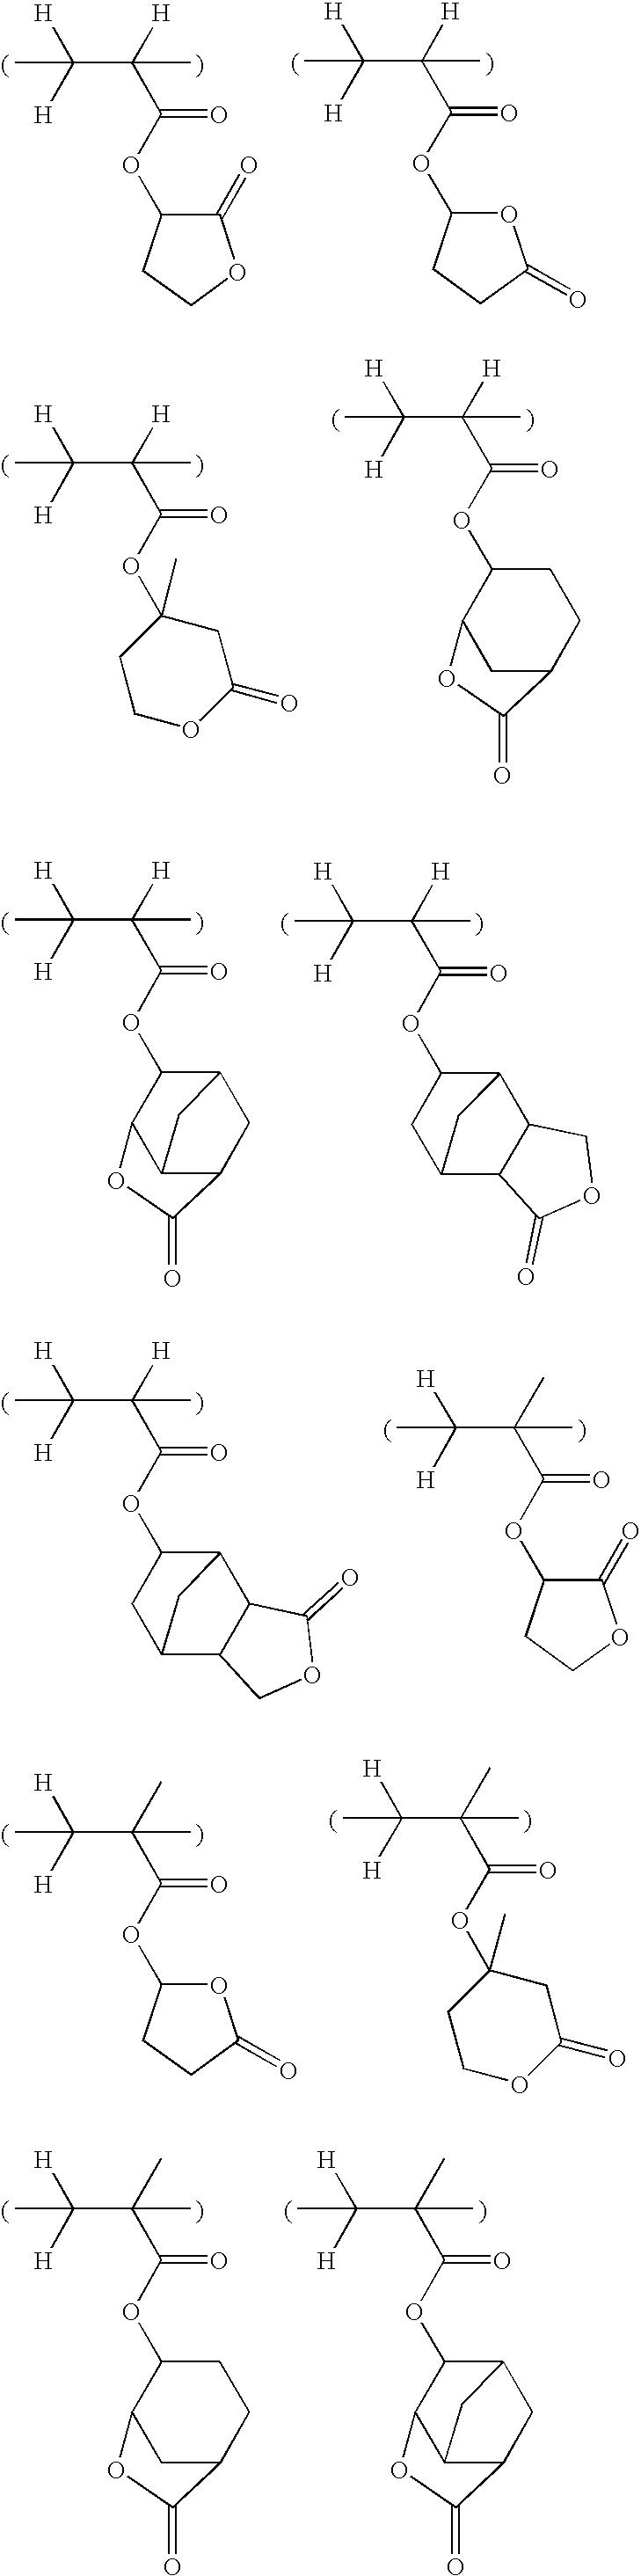 Figure US07771913-20100810-C00037